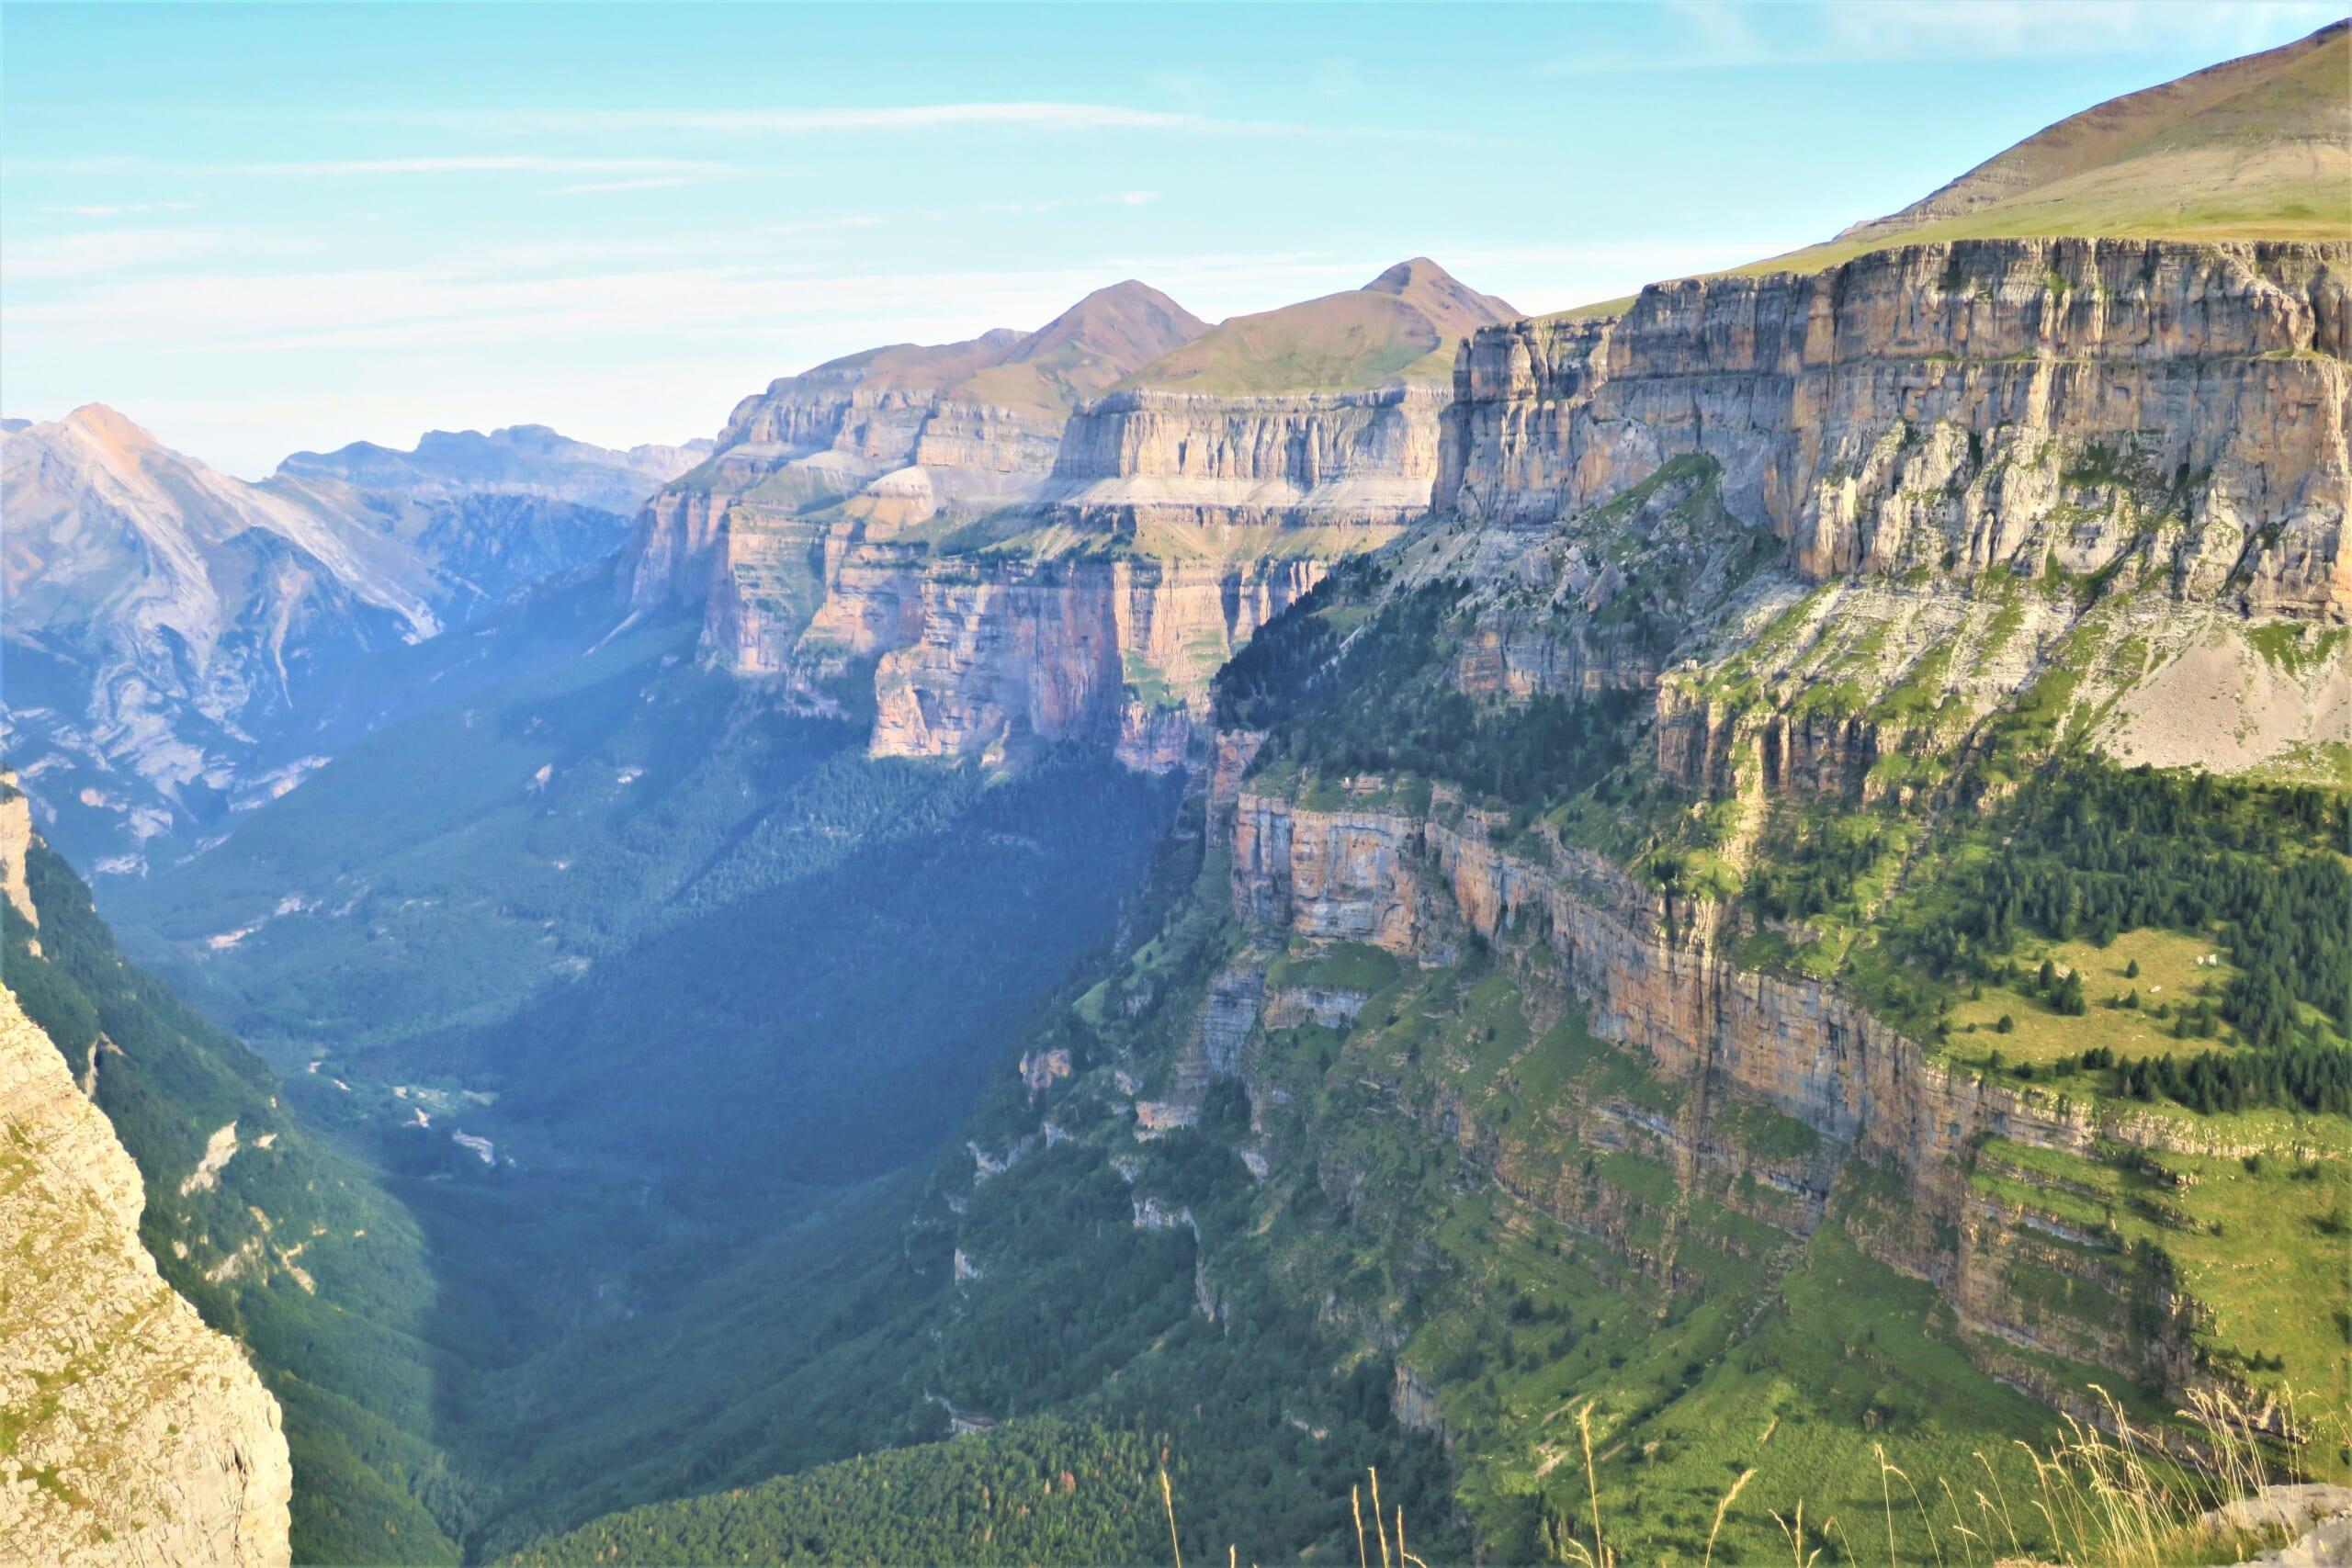 北スペインの観光スポットであるピレネー山脈のオルデサ圏谷